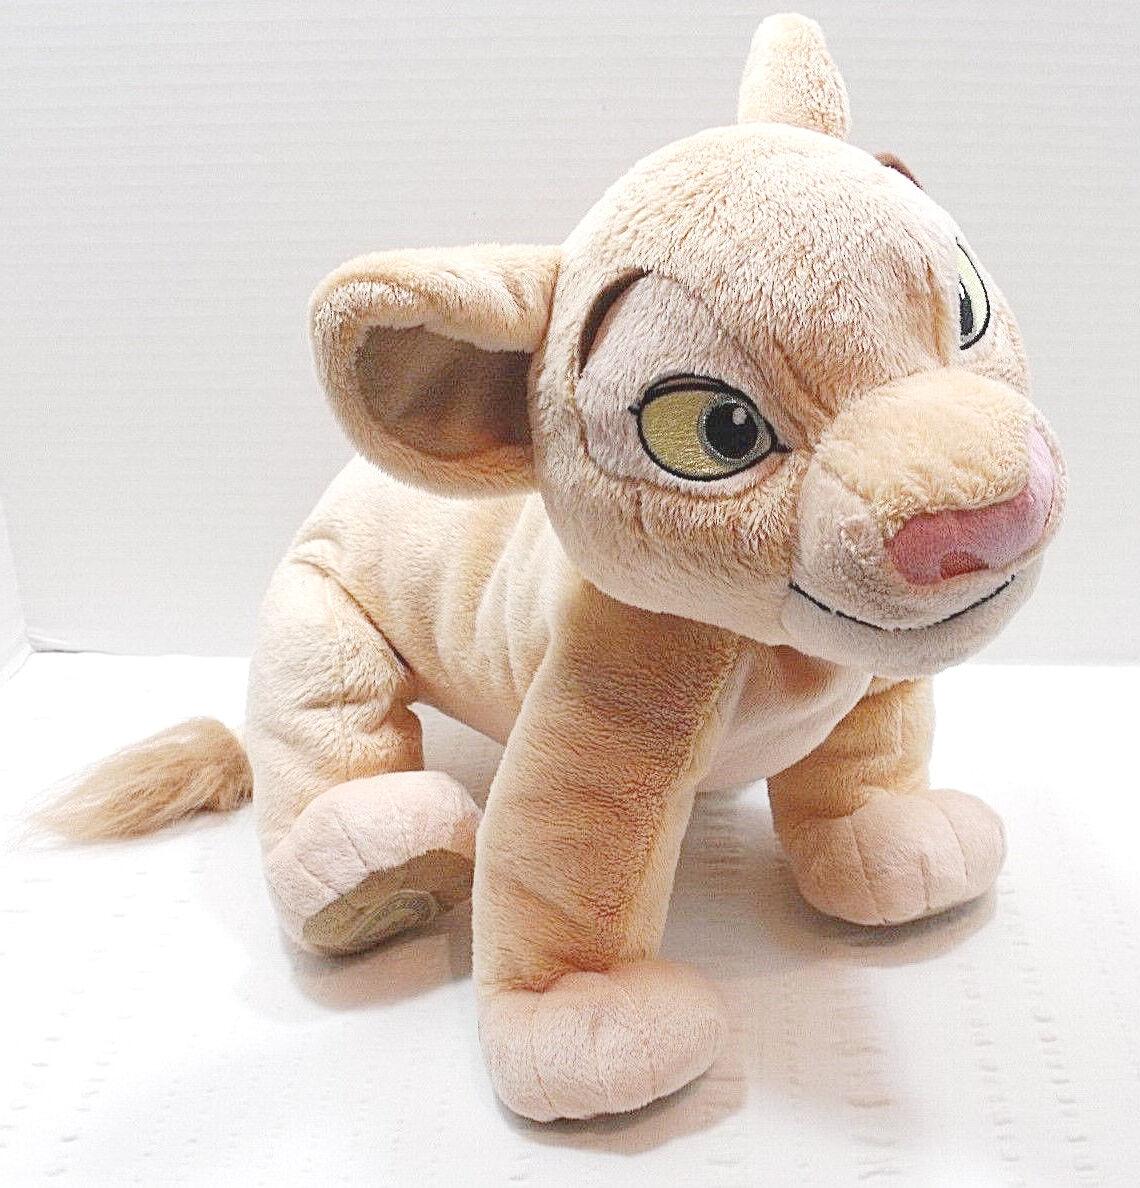 Disney The Lion King Nala Plush Toy 15''